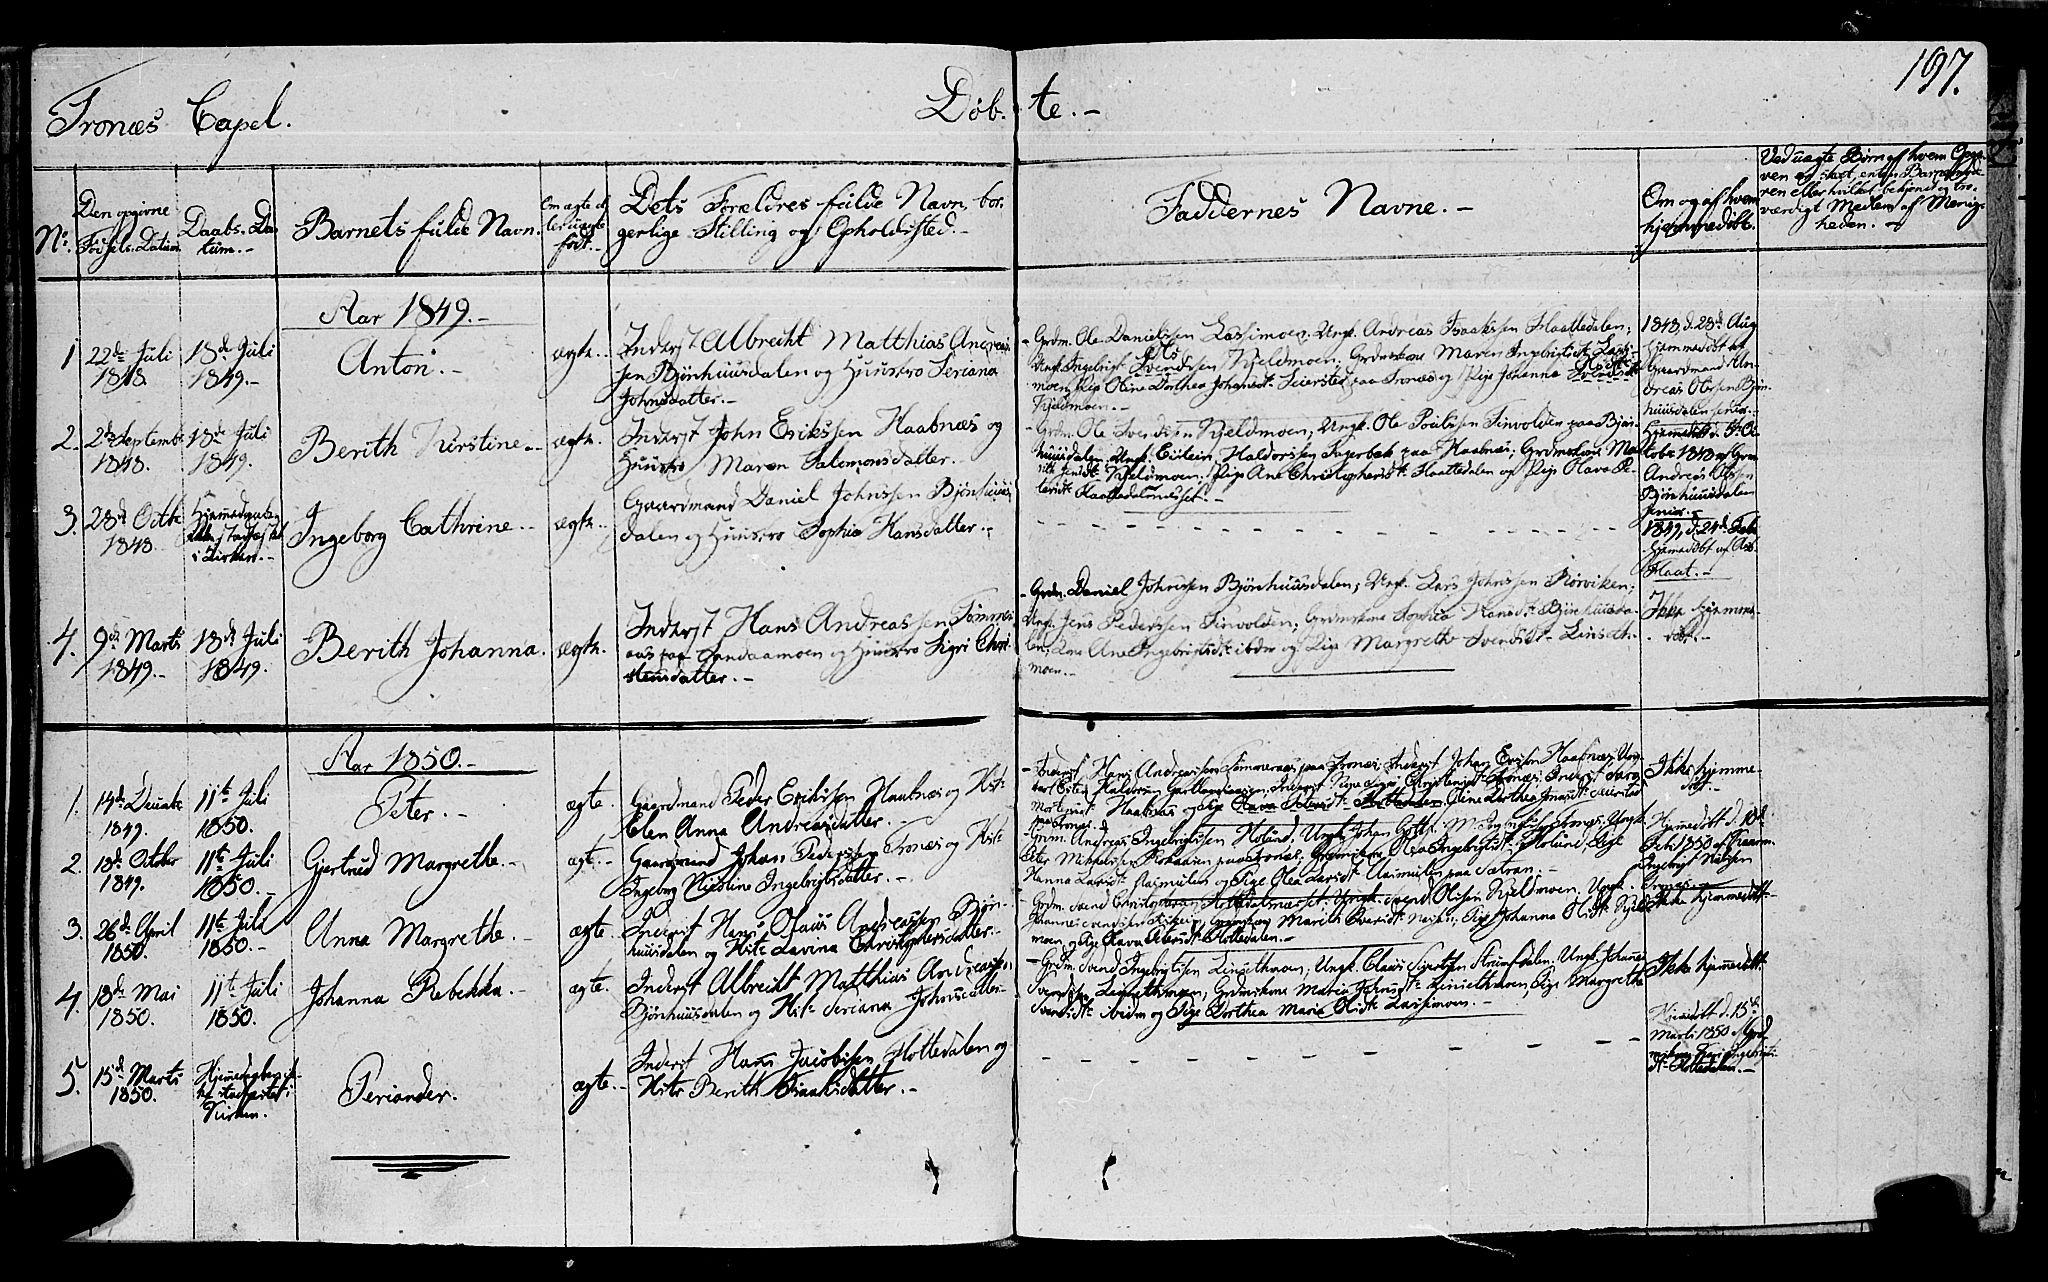 SAT, Ministerialprotokoller, klokkerbøker og fødselsregistre - Nord-Trøndelag, 762/L0538: Ministerialbok nr. 762A02 /2, 1833-1879, s. 197